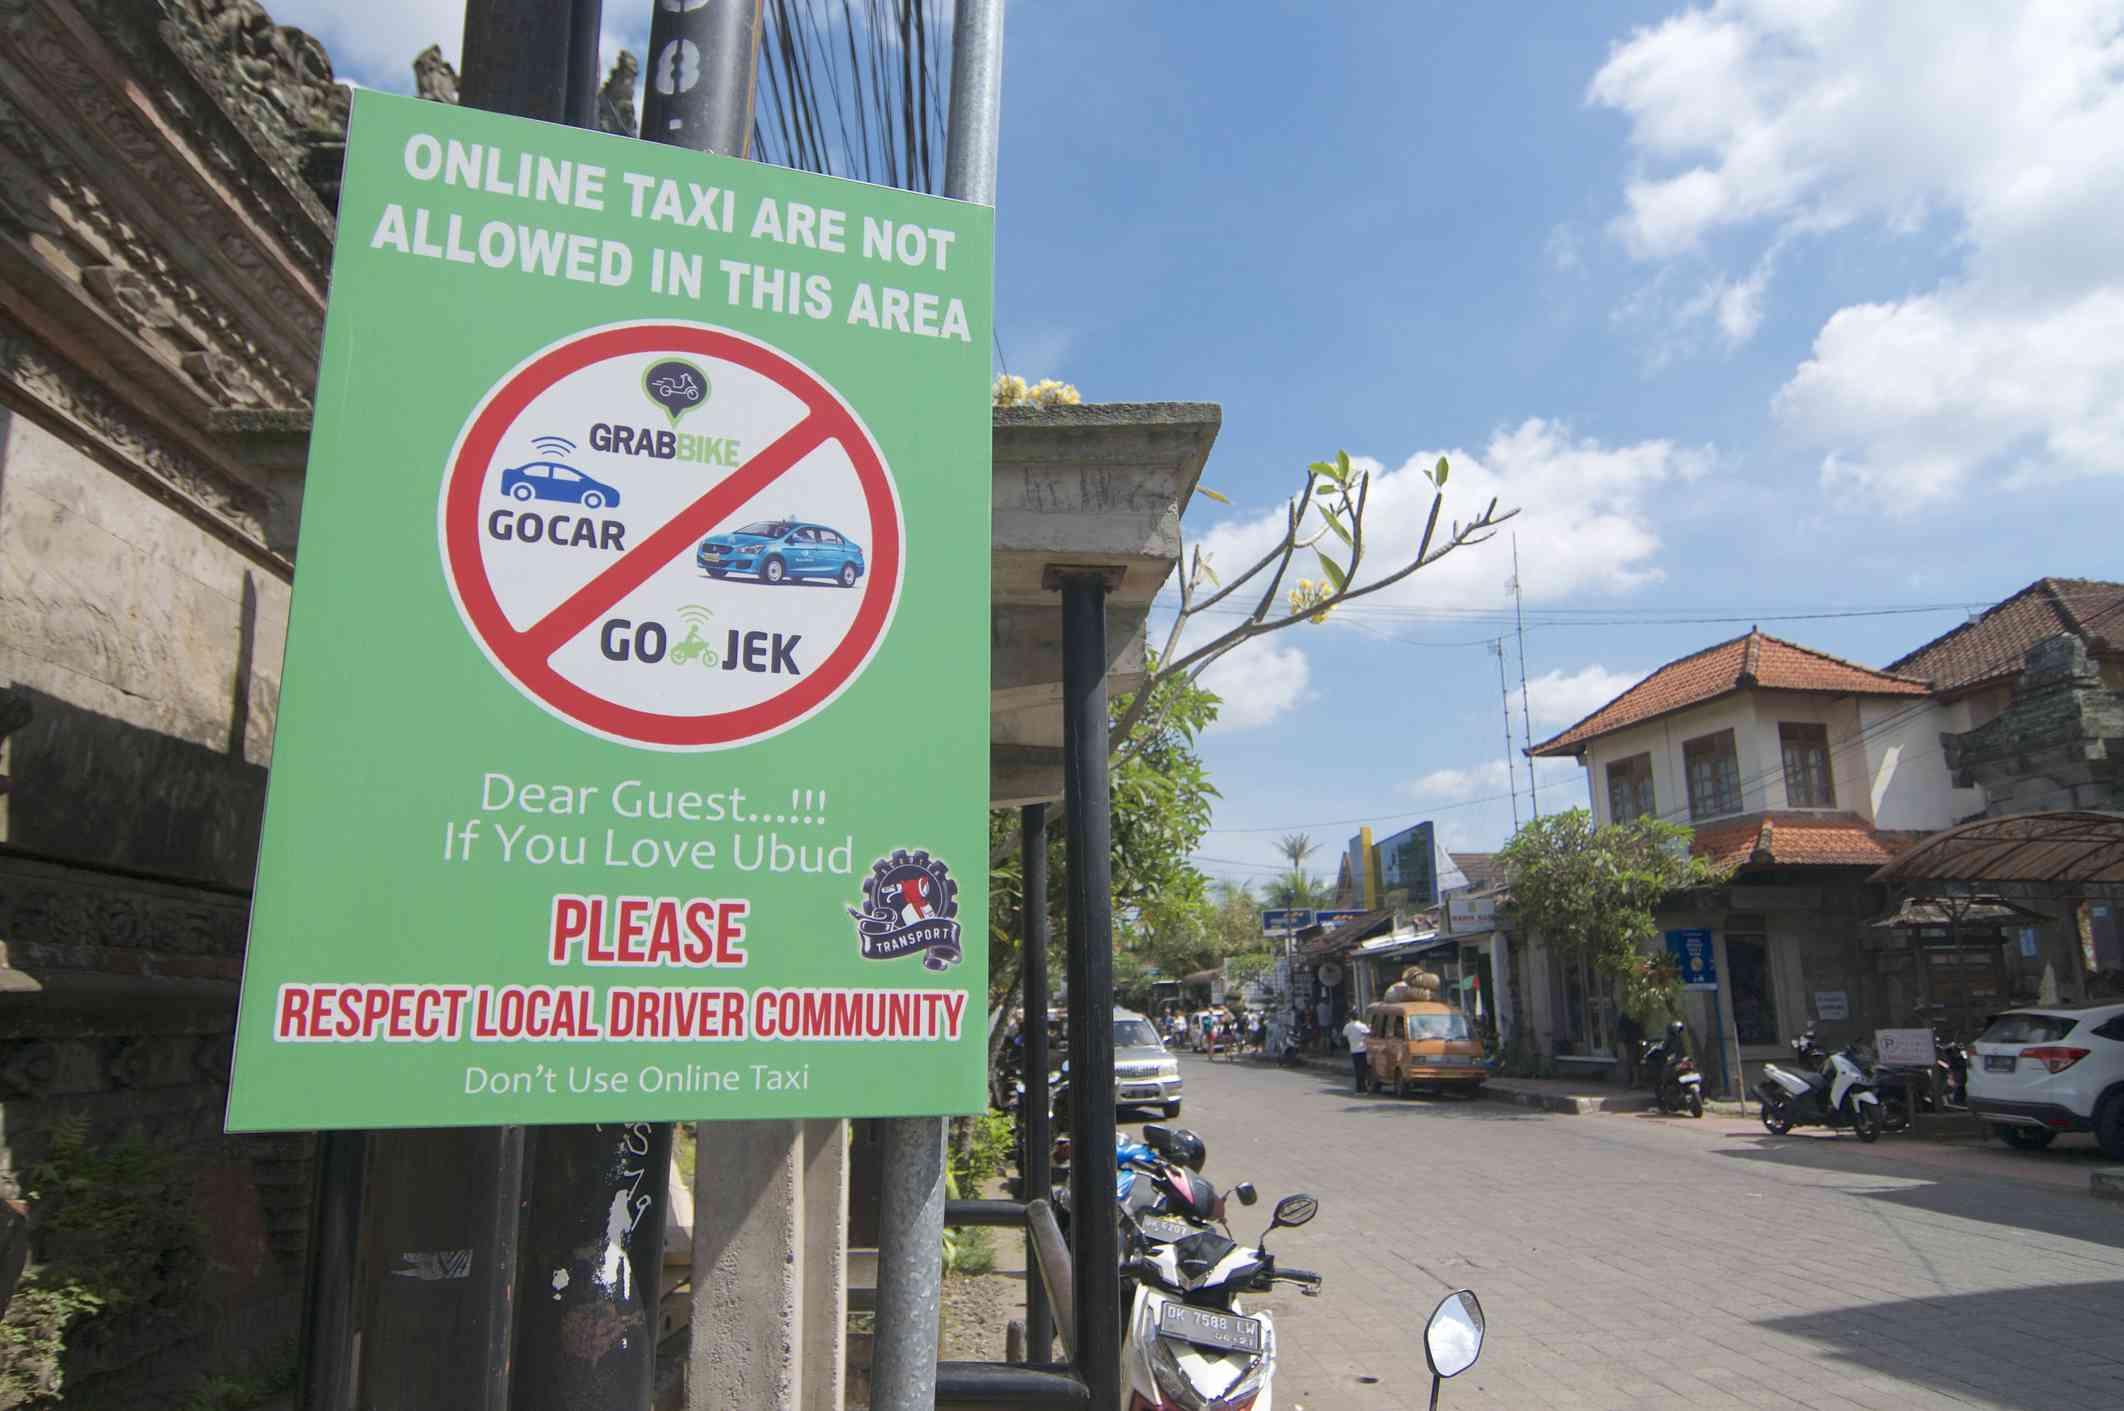 Restricciones a los taxis en línea en Bali, Indonesia